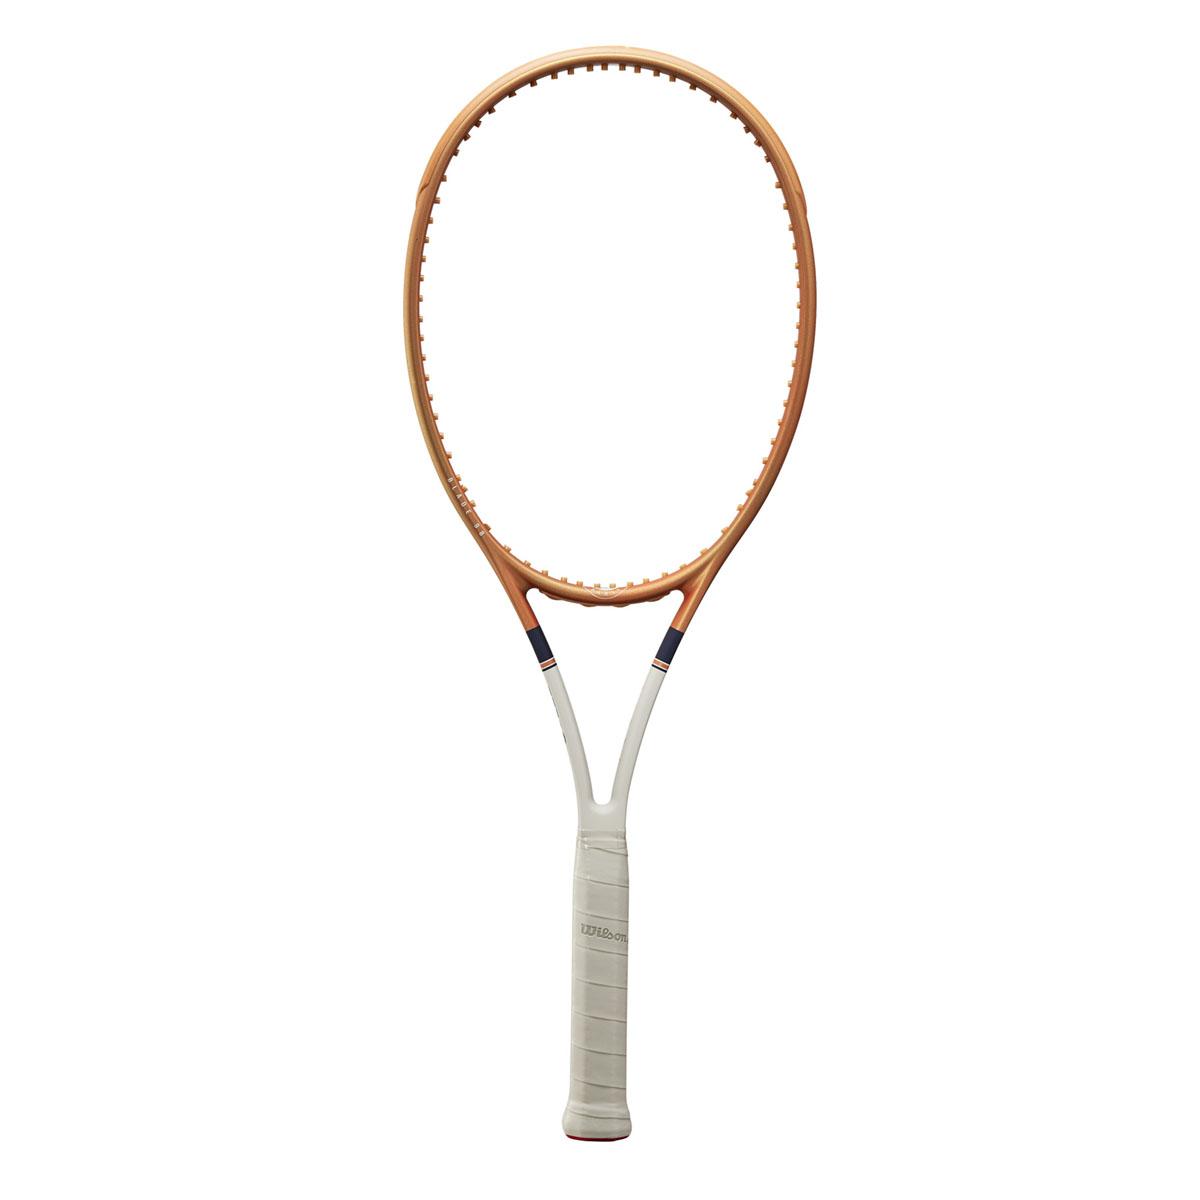 WR068611U_9_Blade_98_16x19_Roland_Garros_OR_BU_GY.png.cq5dam.web.2000.2000